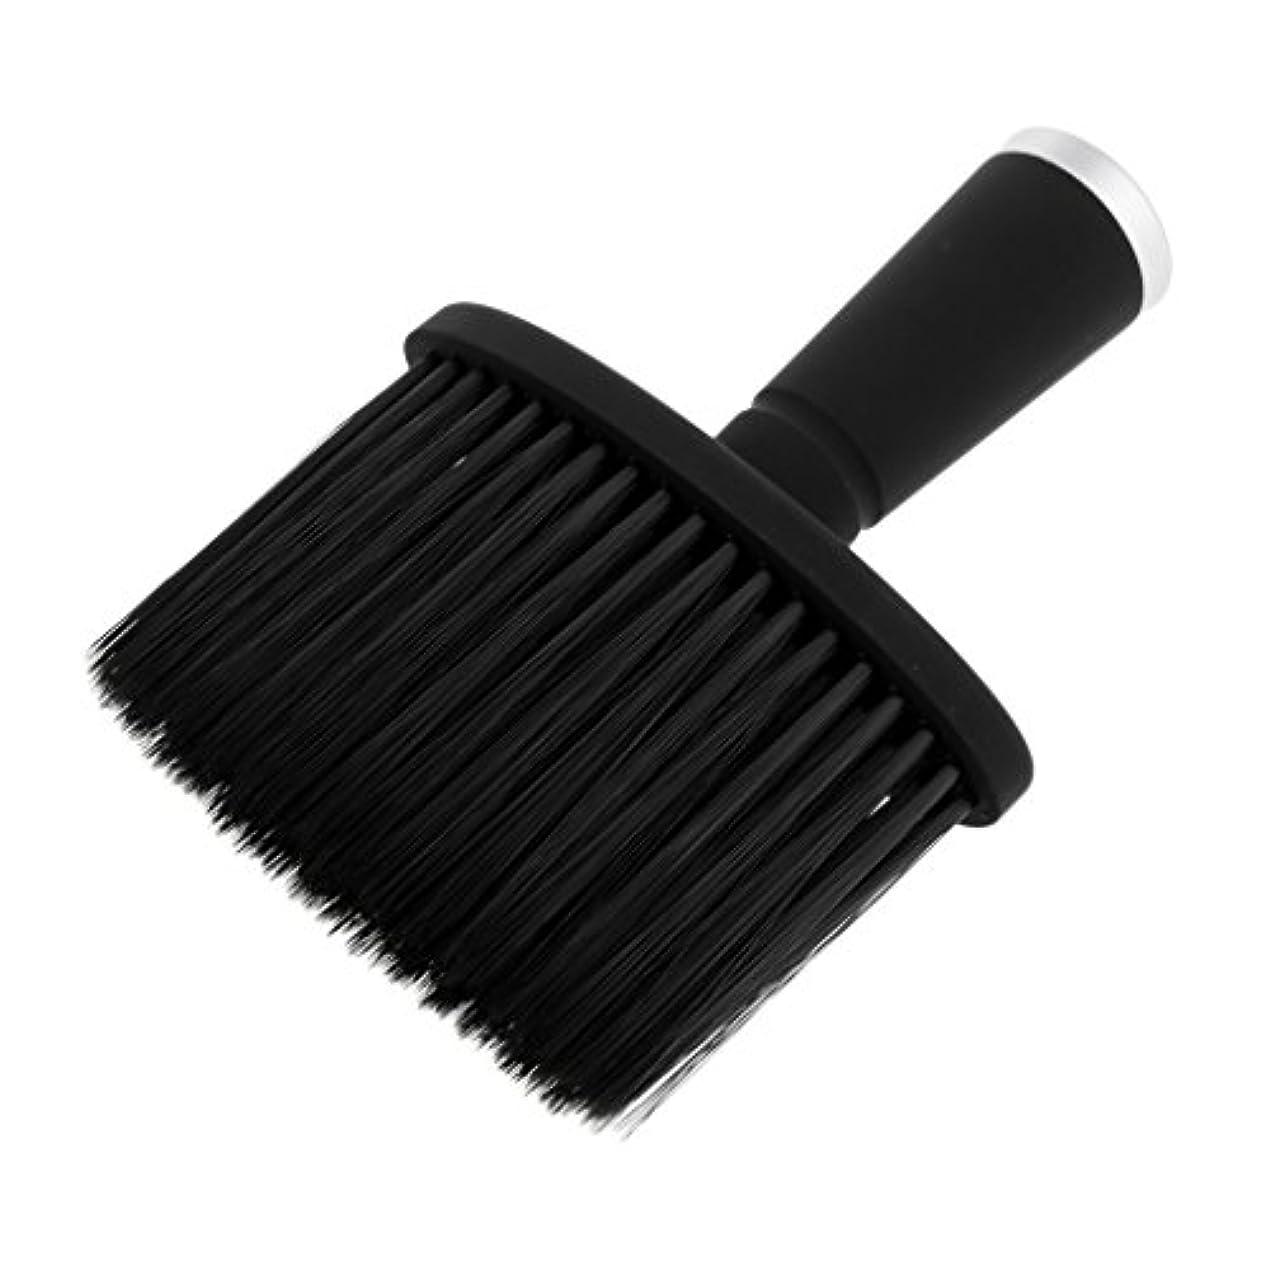 規範未満探検大広間のスタイリストの理髪師の毛の切断の構造用具のための柔らかい首の塵払いのブラシ - 銀